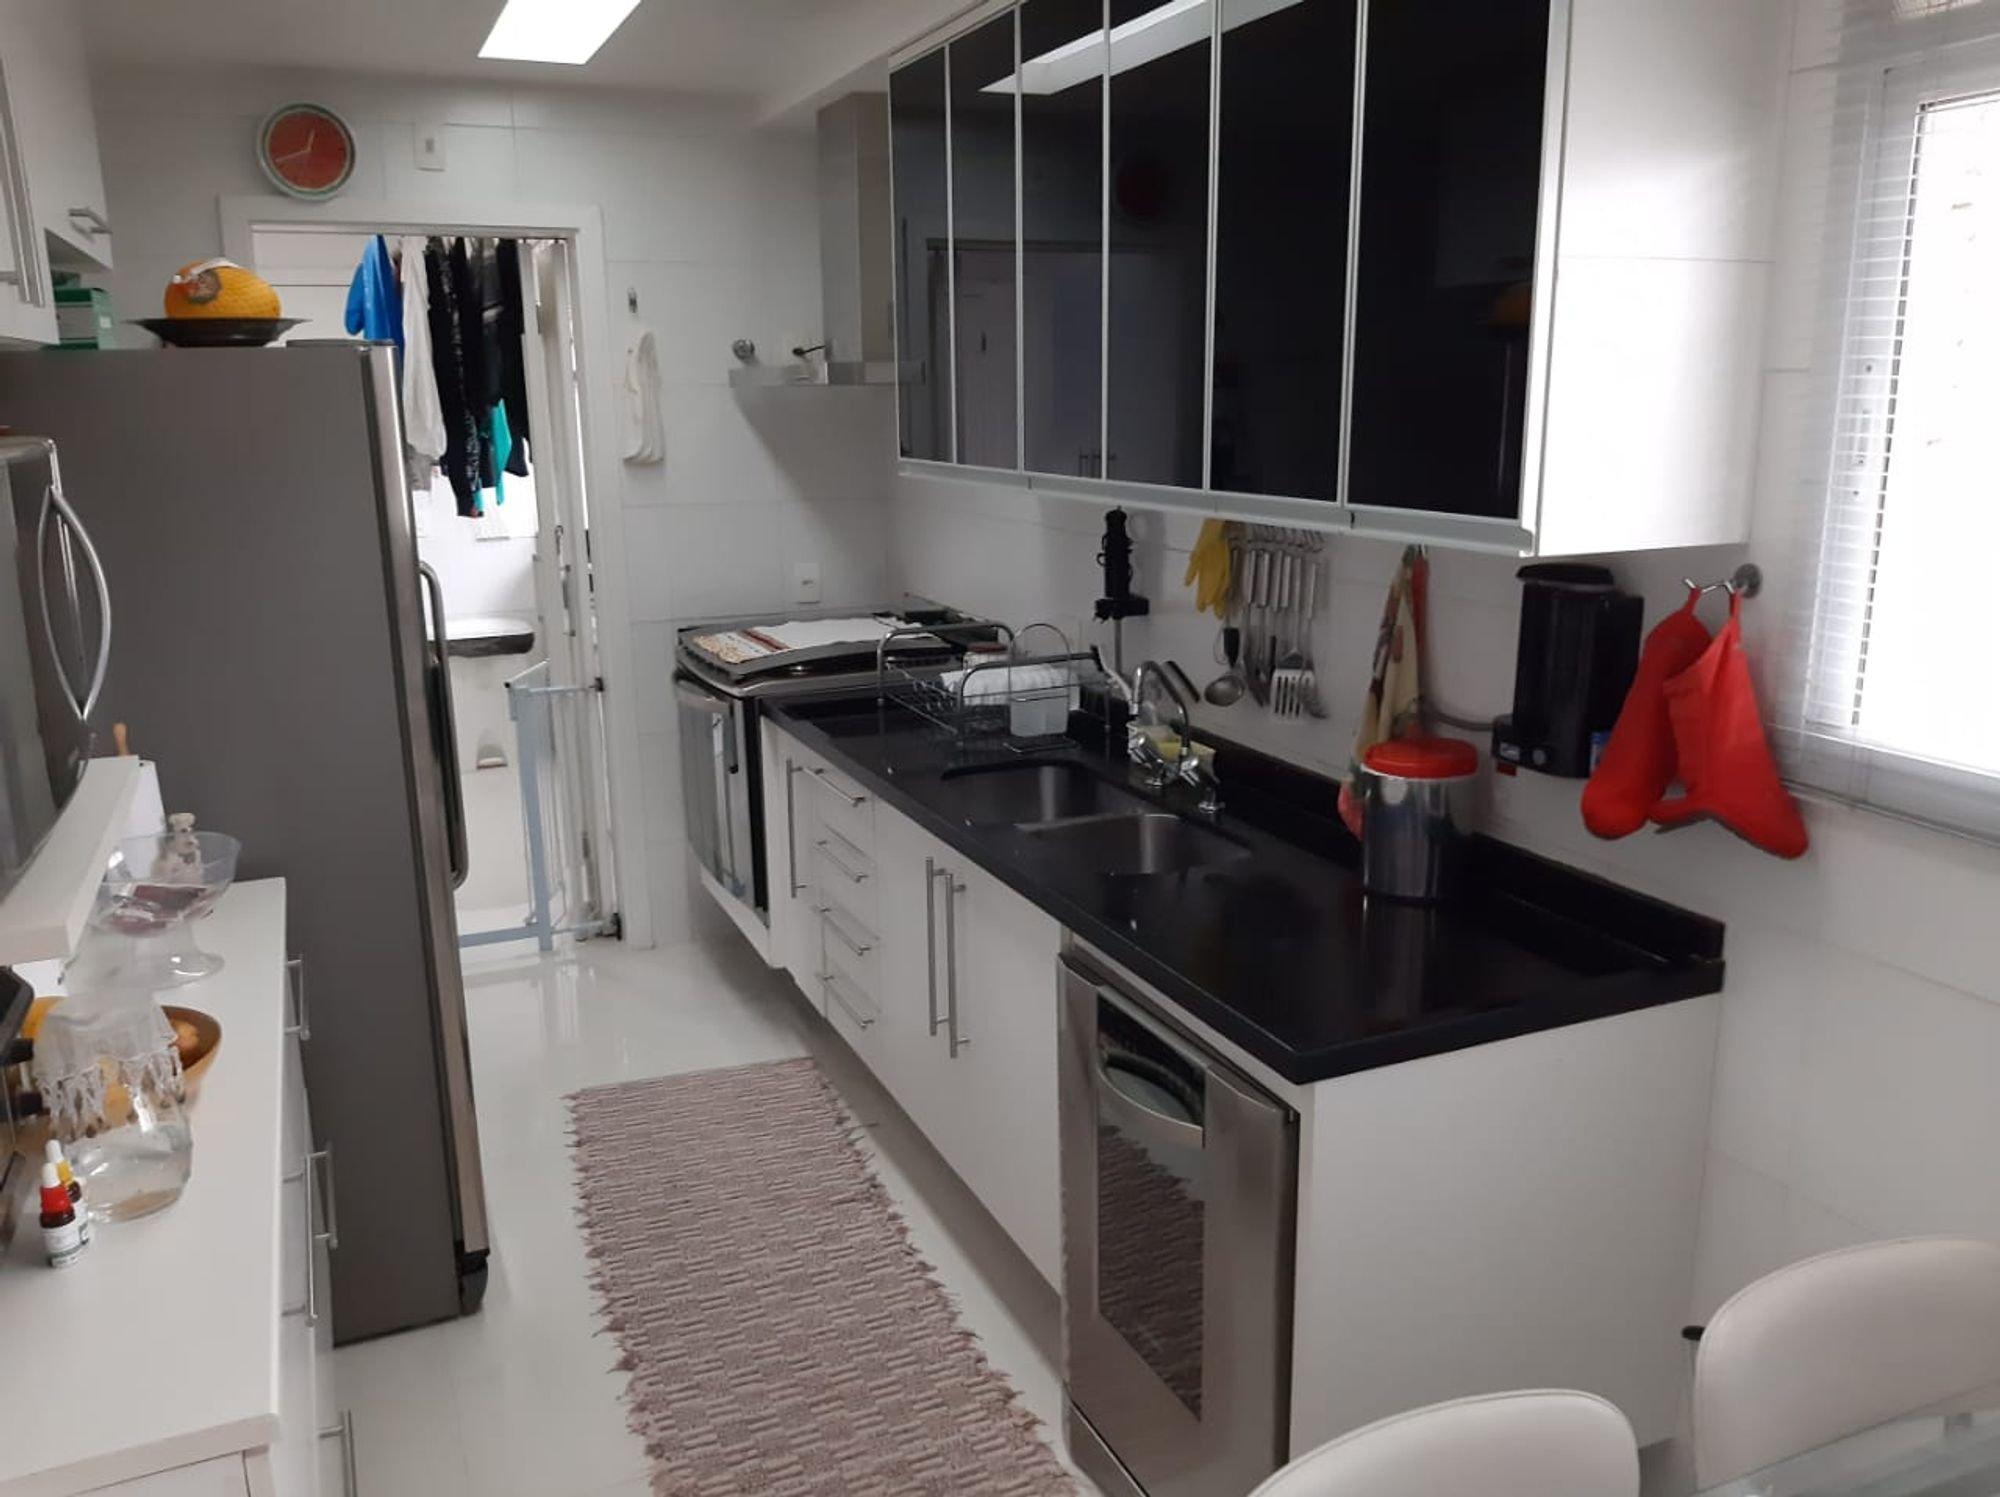 Foto de Cozinha com tigela, geladeira, relógio